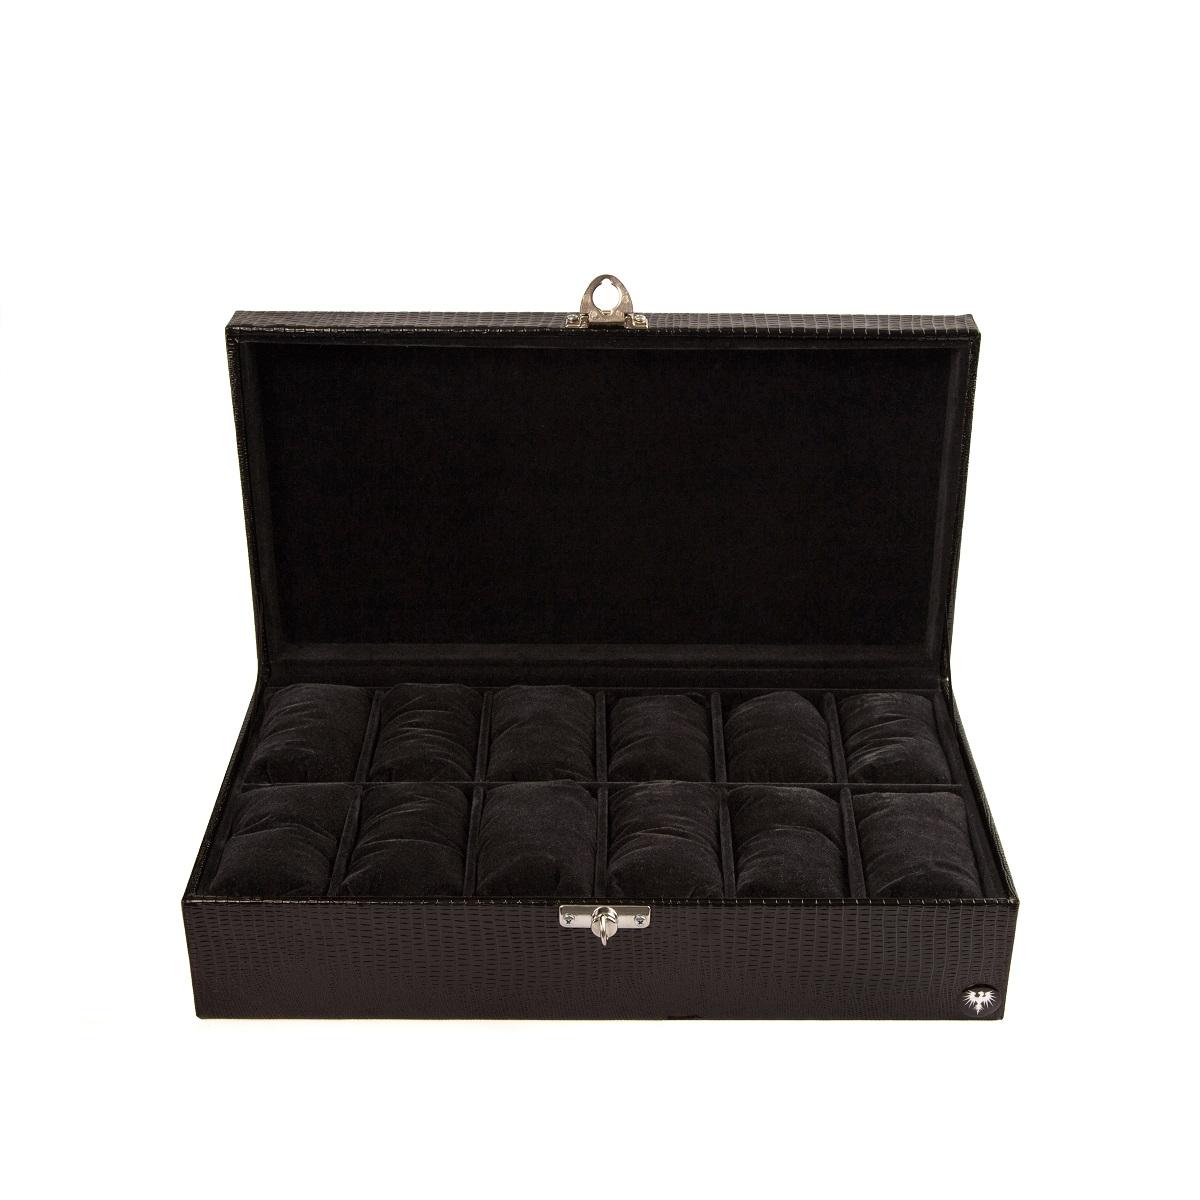 caixa-porta-relogio-12-nichos-couro-ecologico-preto-preto-imagem-5.jpg